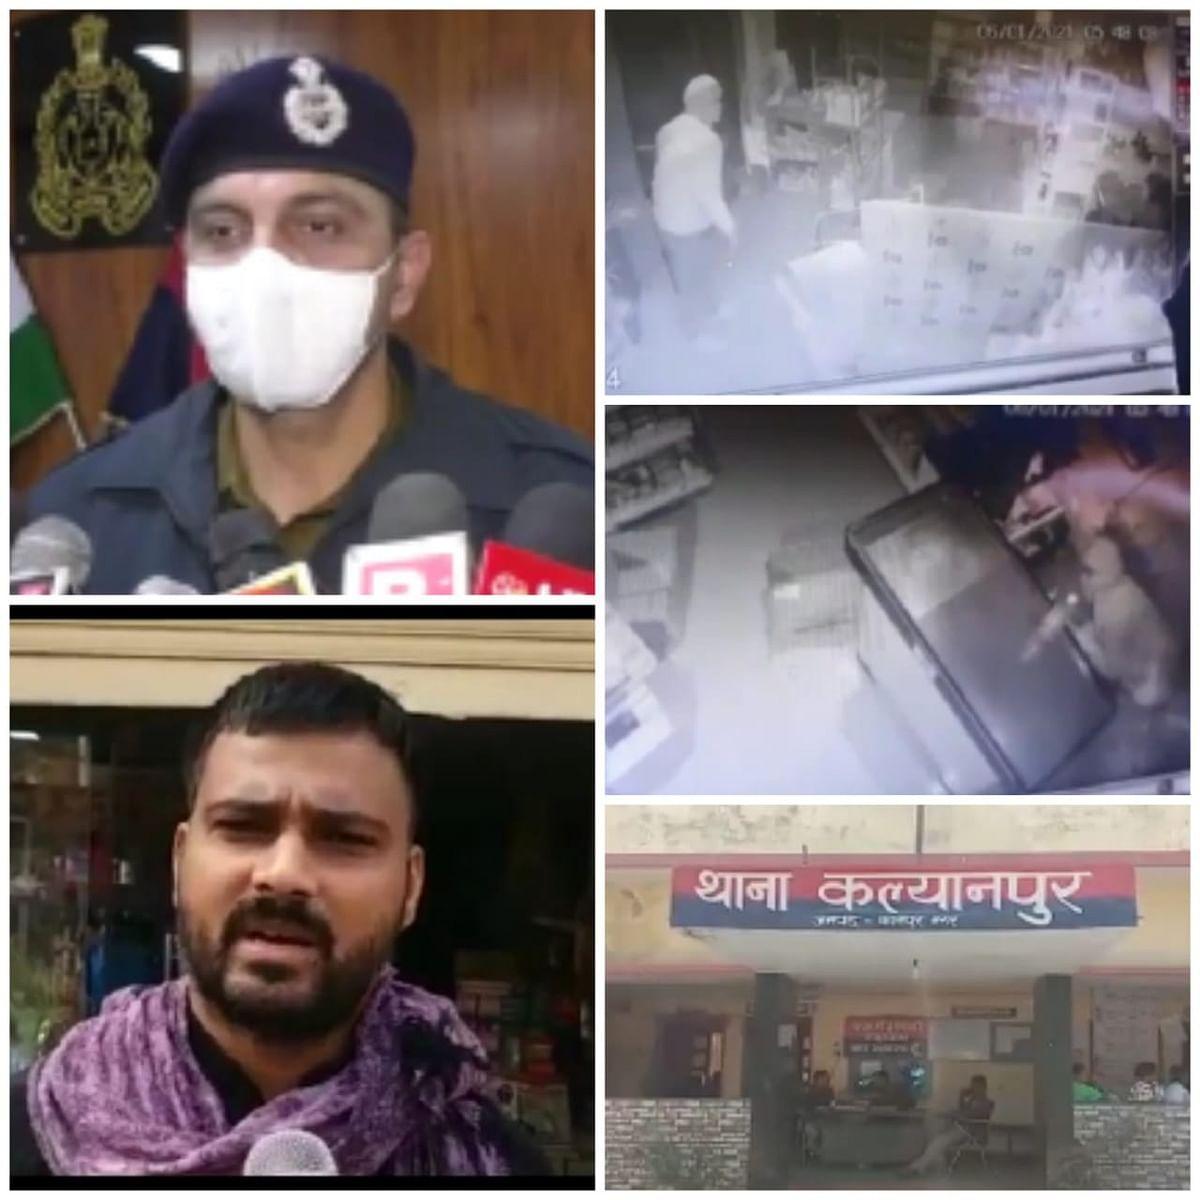 कानपुर : पीपीई किट पहनकर चोर ने परचून दुकान से एक लाख की नकदी पार की